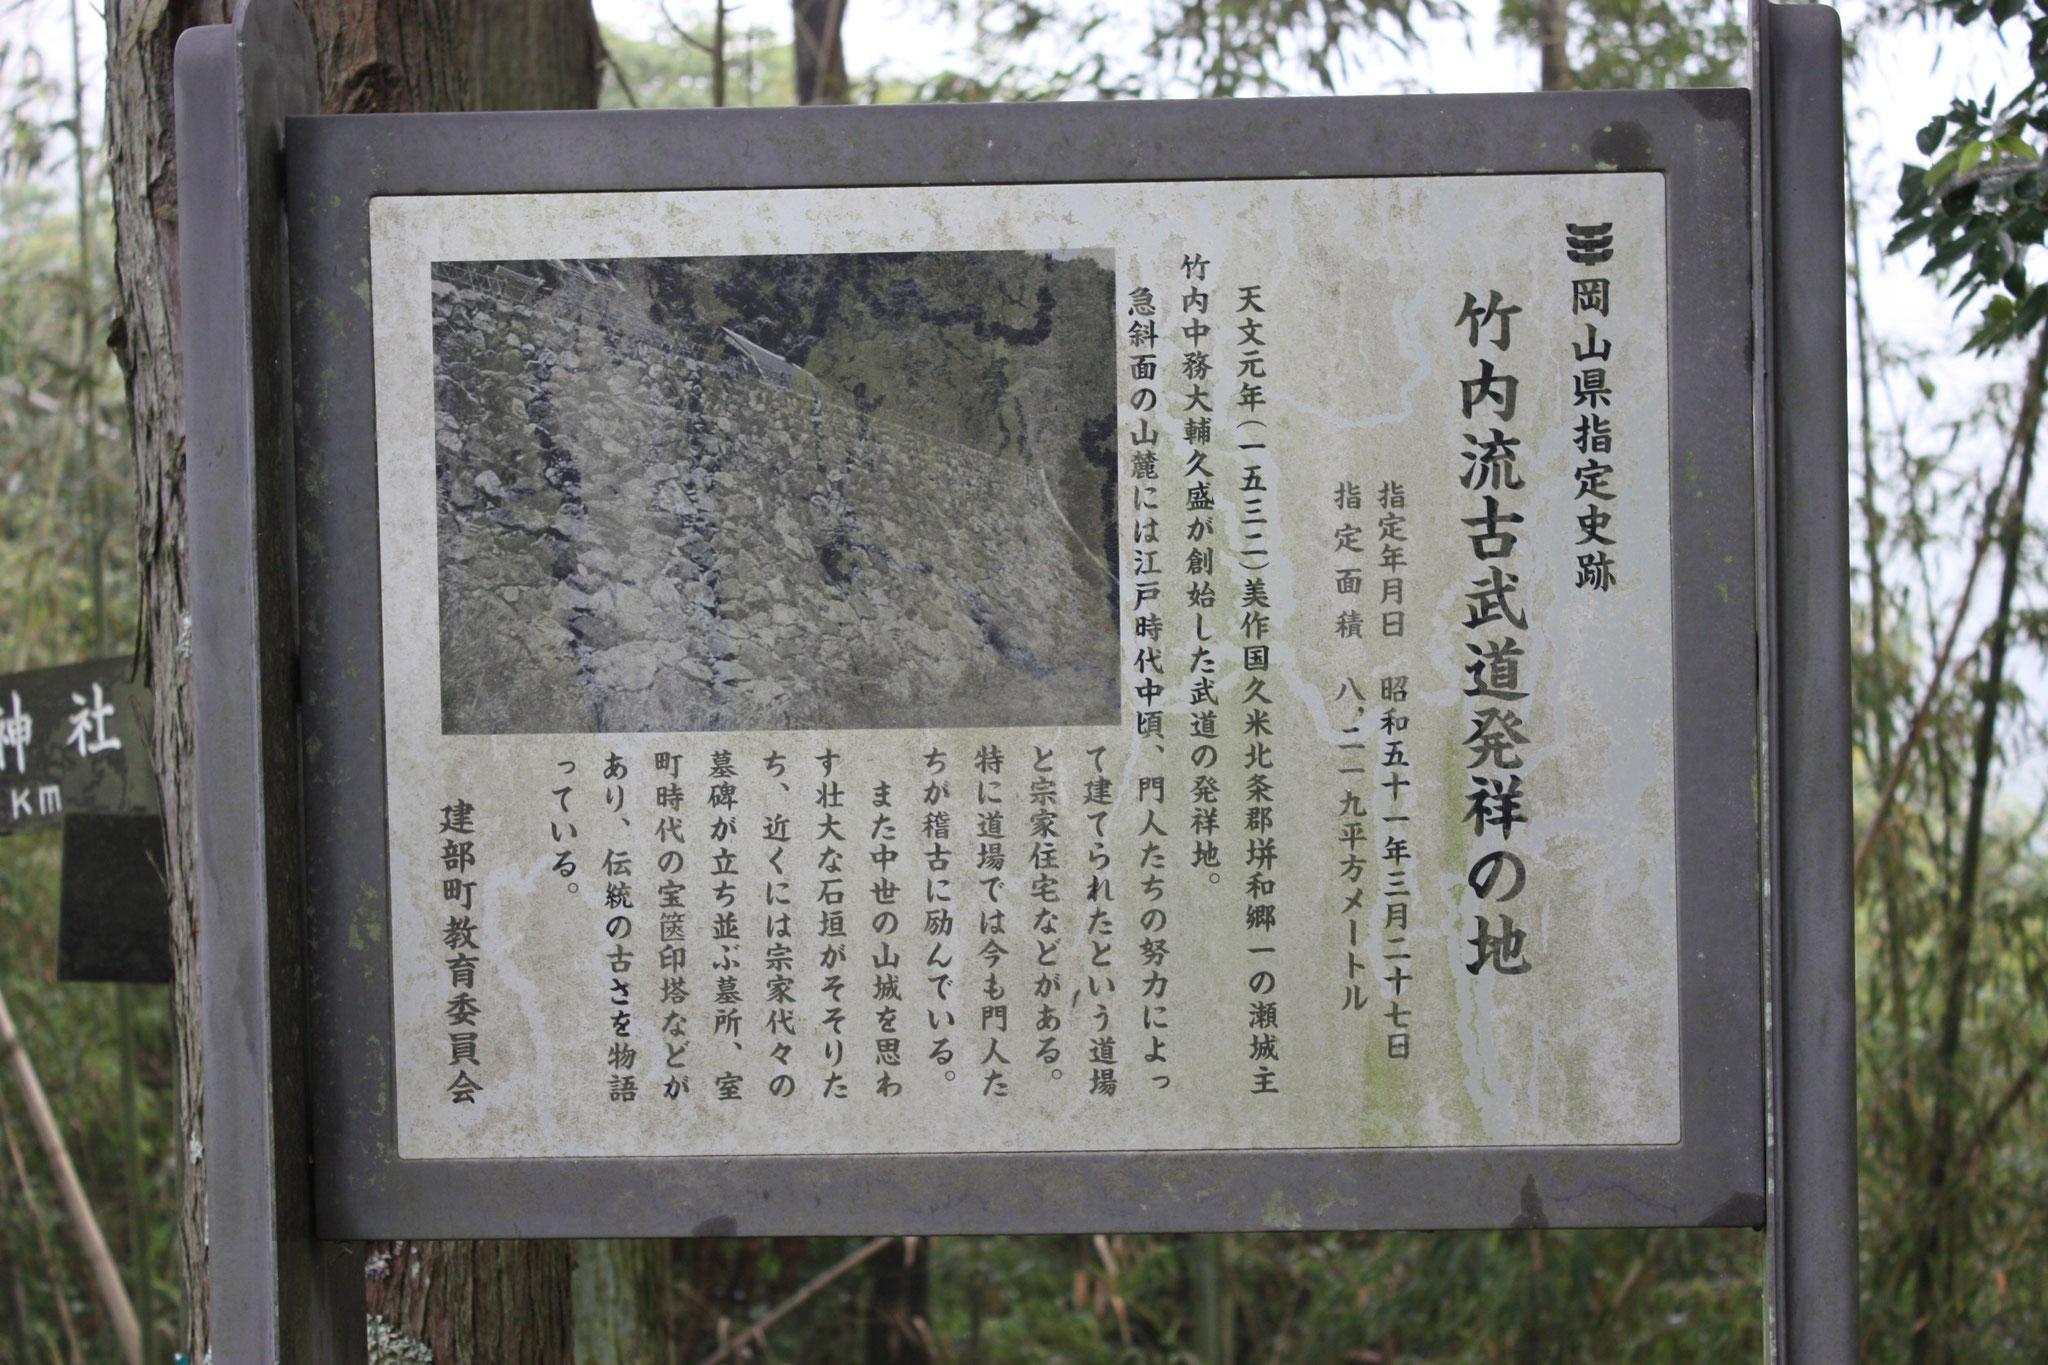 周辺一帯は、「竹内流古武道発祥の地」として指定史跡に登録されている